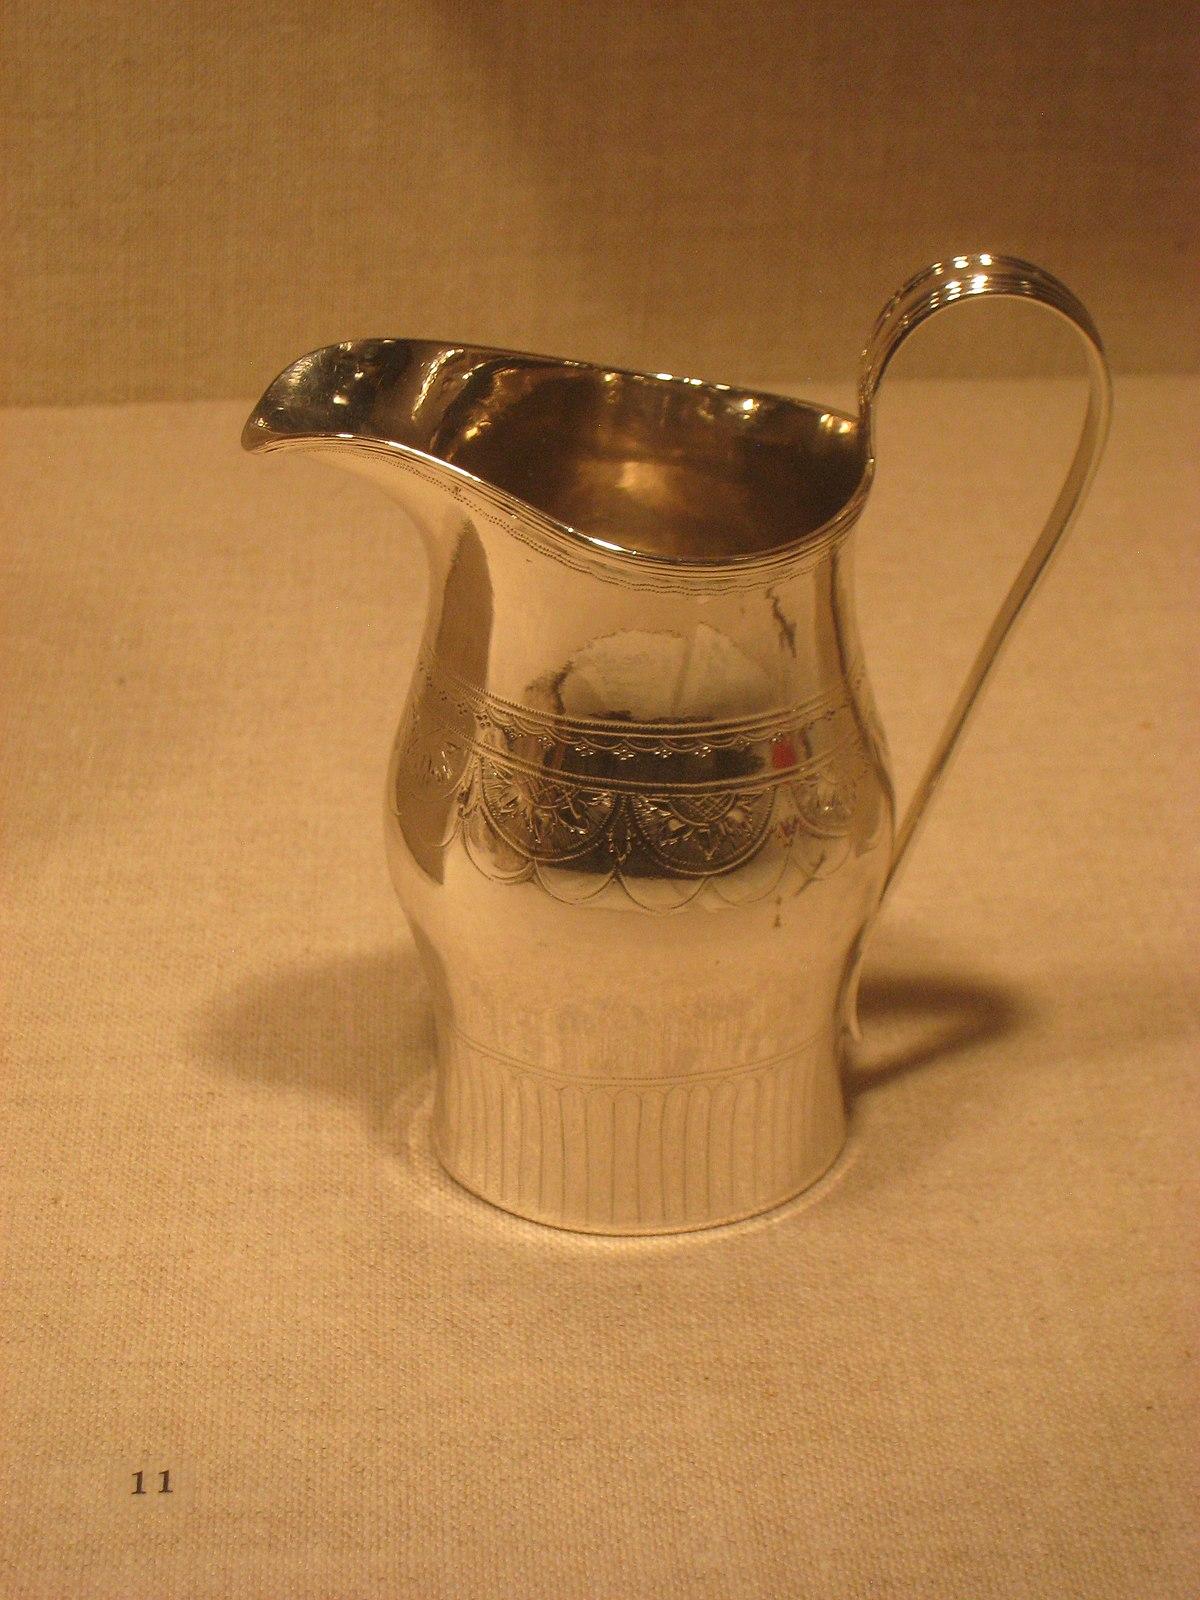 creamer vessel wikipedia